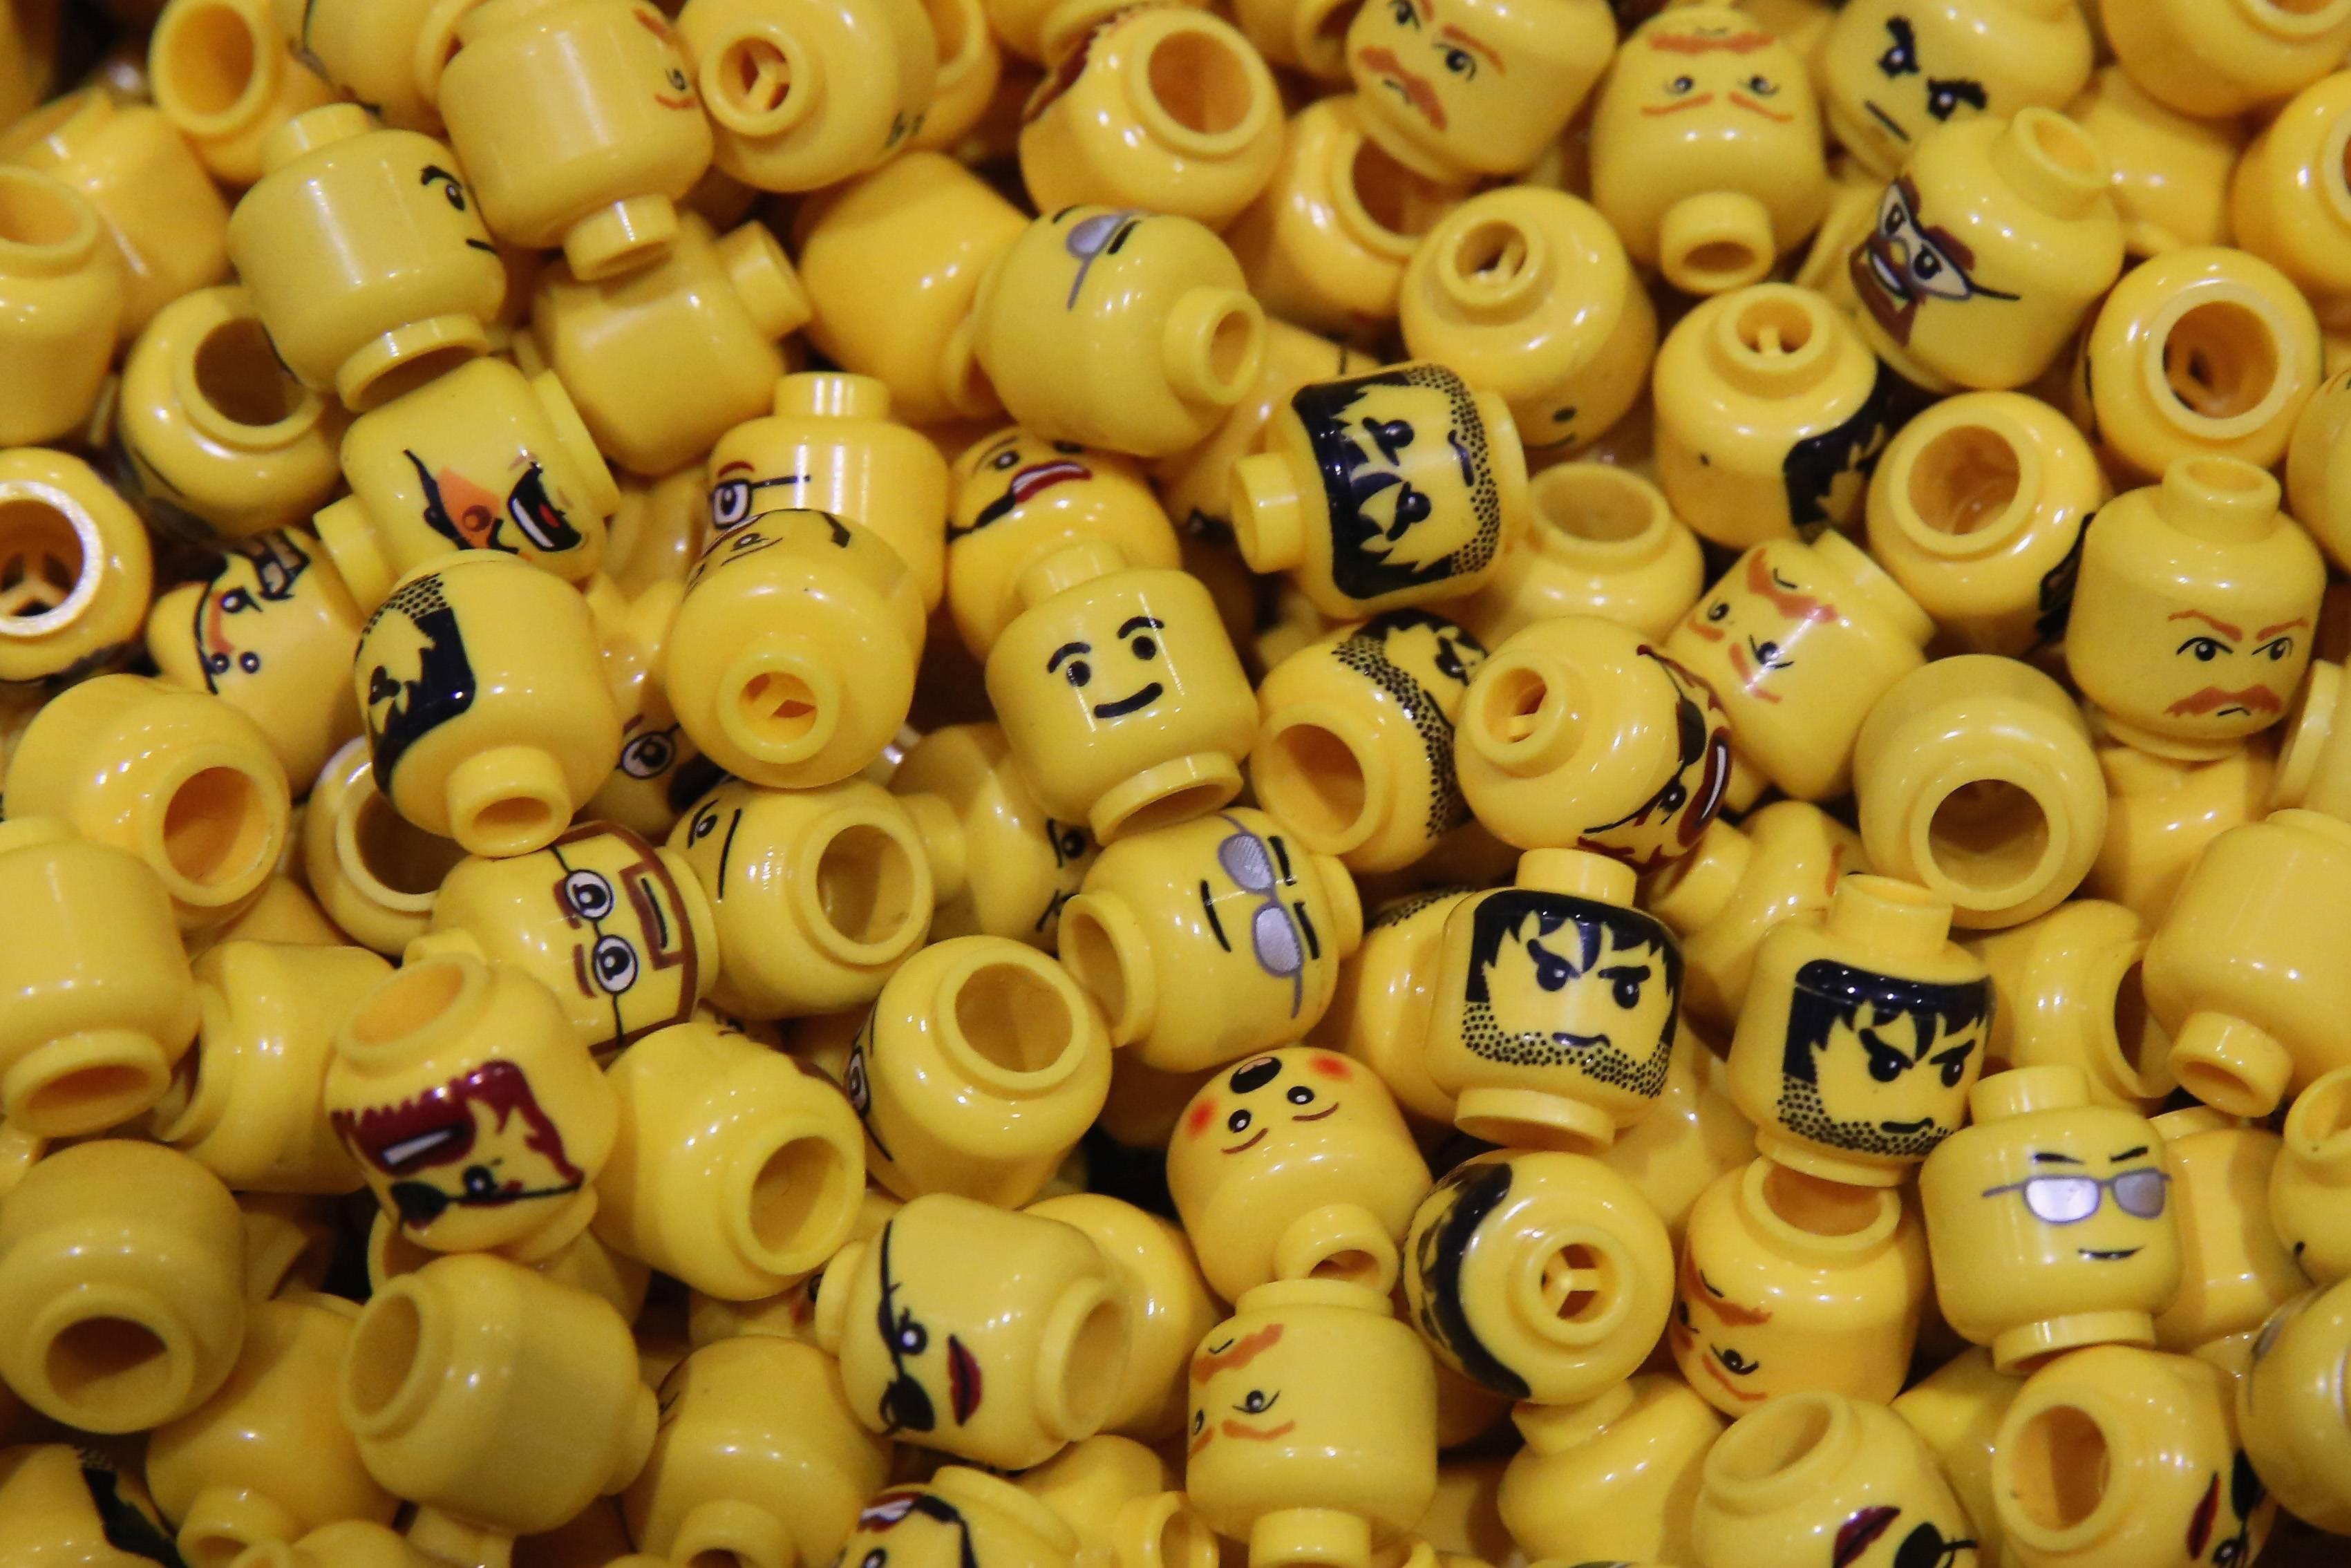 Un grupo de doctores ingirió piezas de Lego solo para averiguar cuánto tardaban en salir del cuerpo